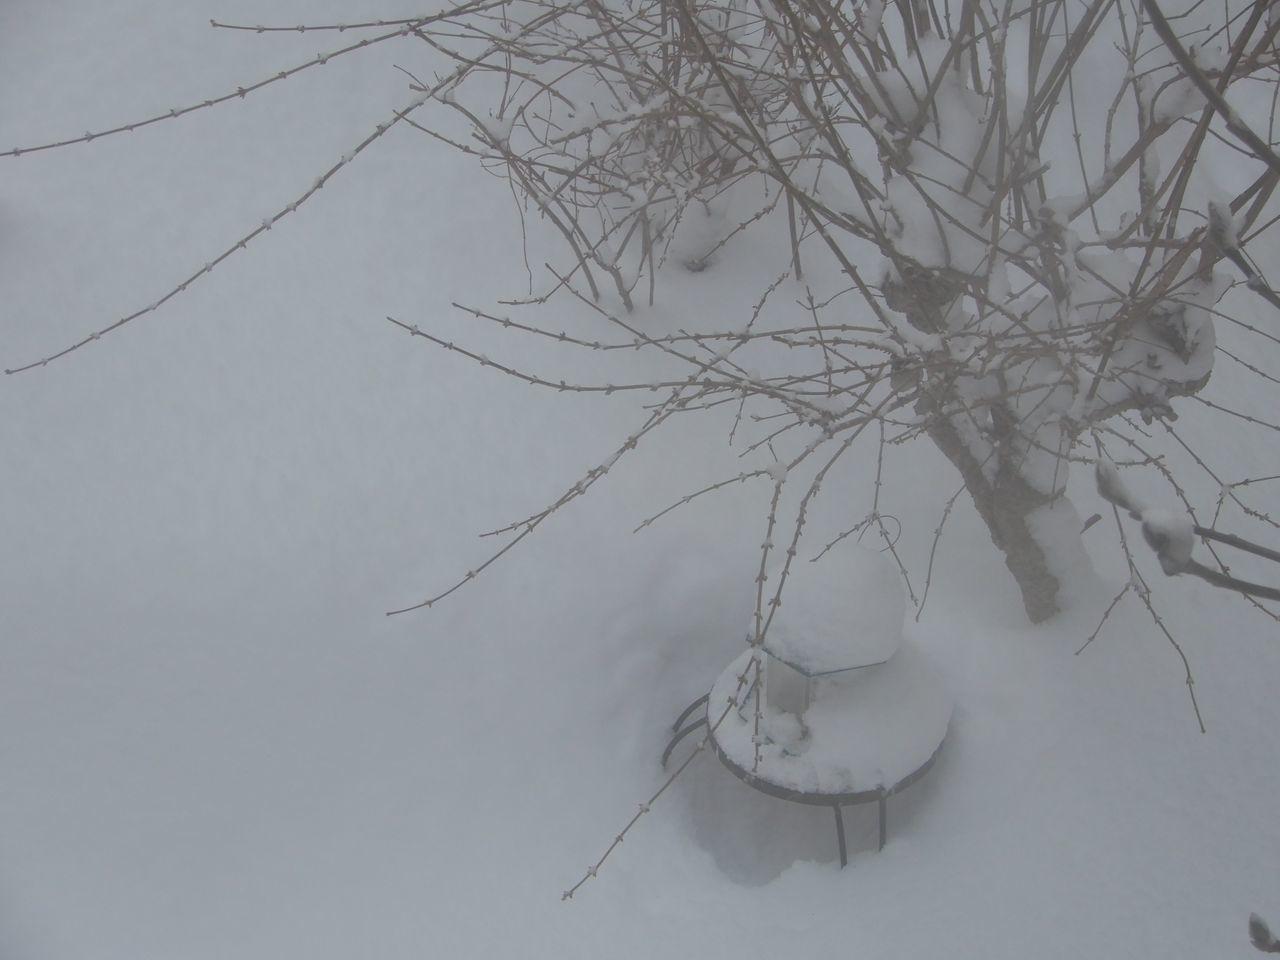 久しぶりに本格的積雪の朝_c0025115_20281835.jpg